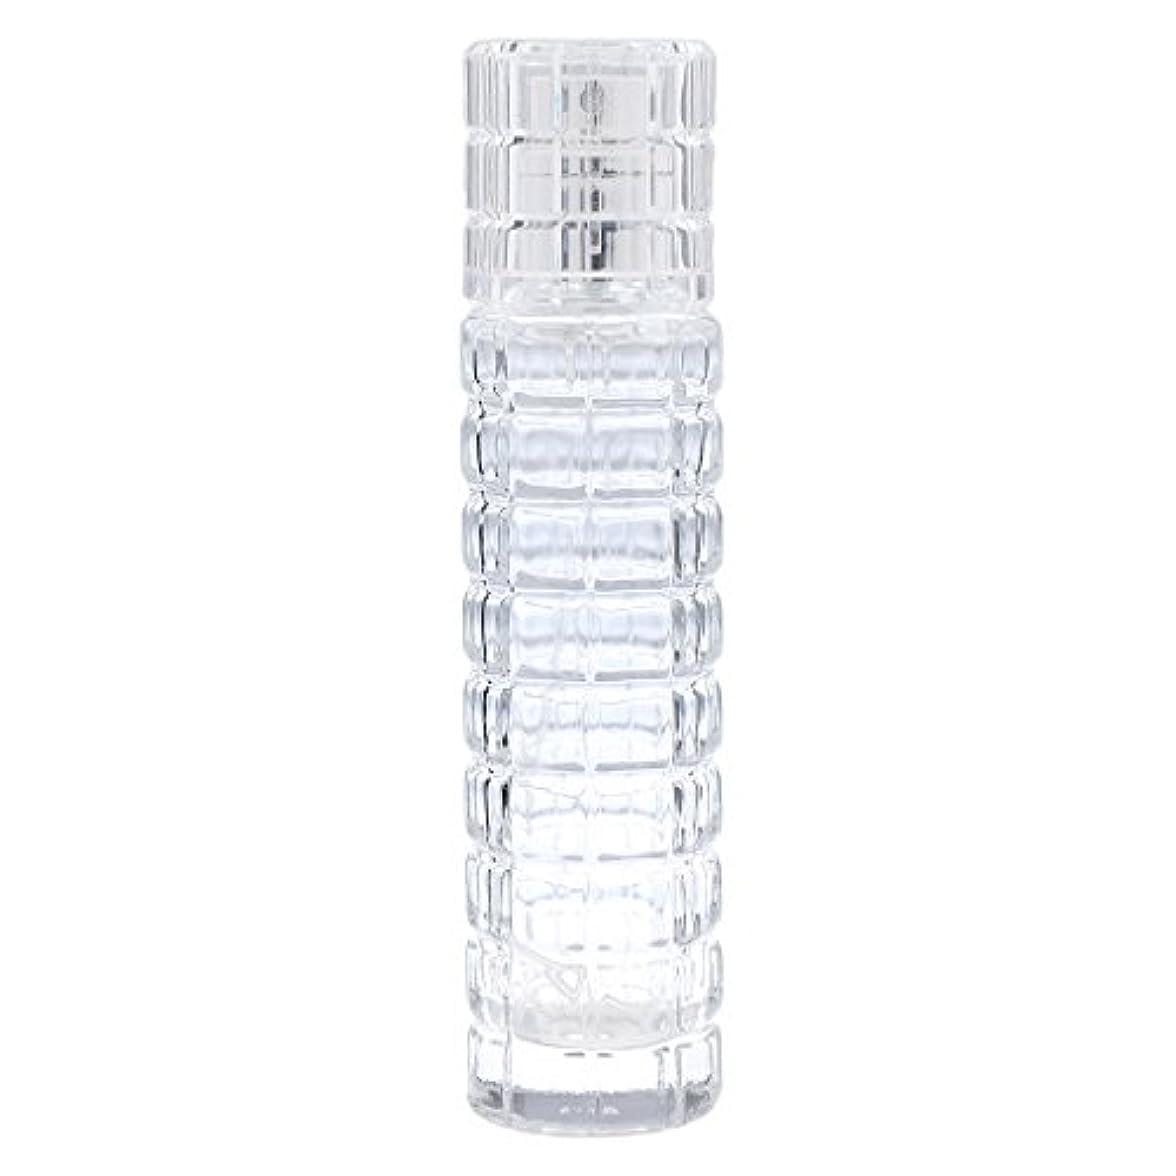 すべてスケッチ近似sharprepublic 香水瓶 ポンプ式 香水ボトル スプレー スプレーボトル アフターシェーブ エッセンシャルオイル クリア